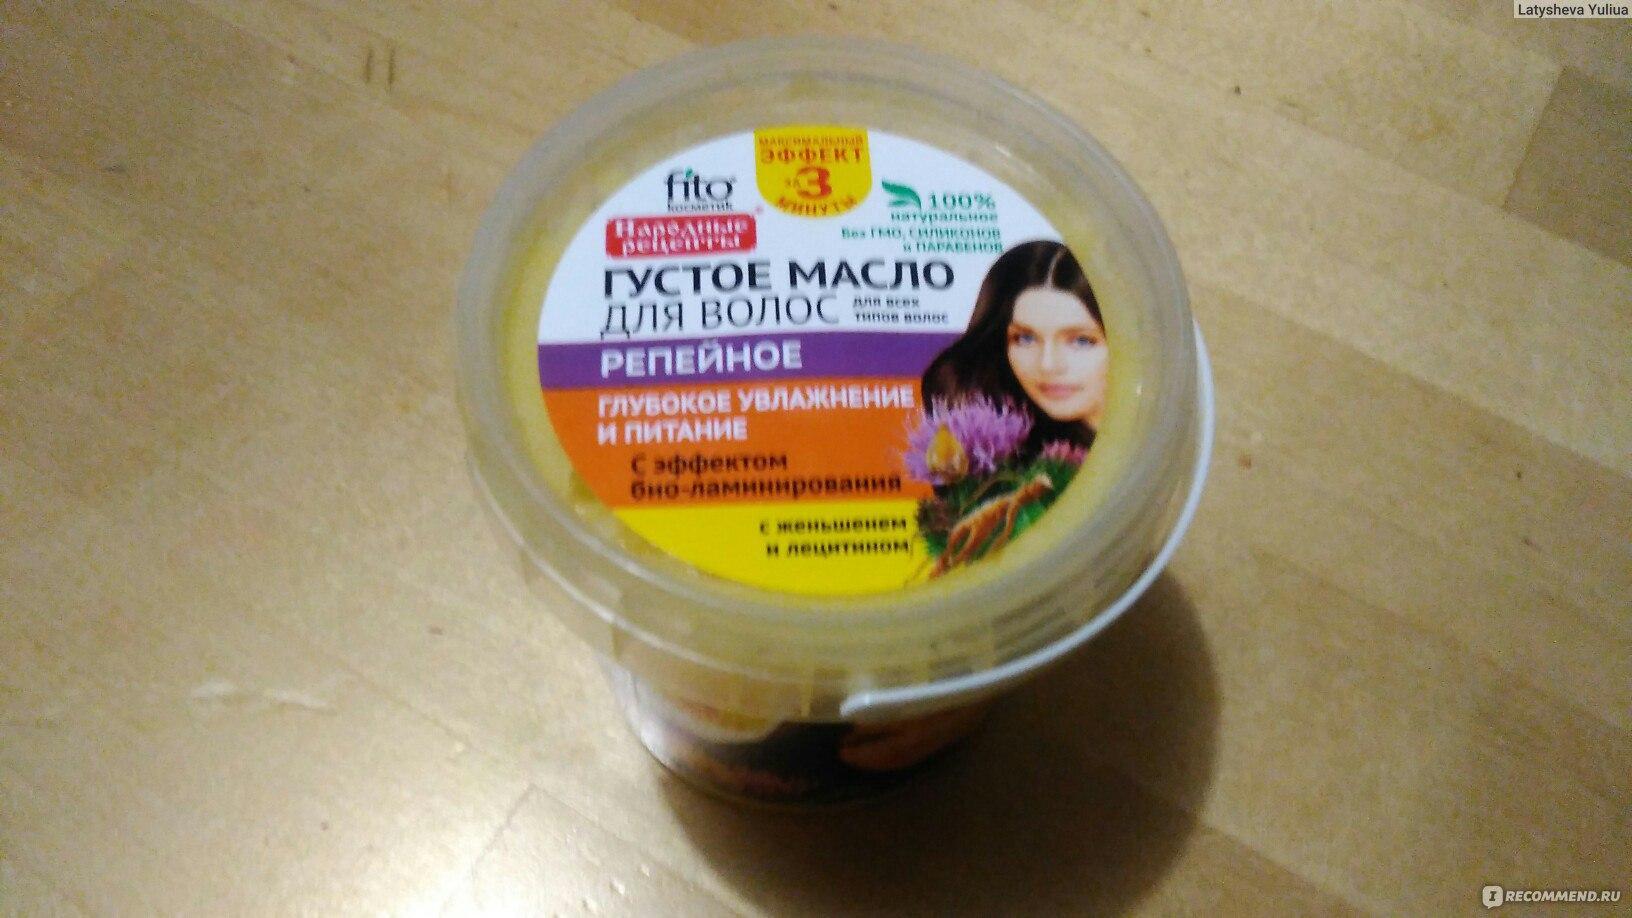 Густое масло для волос фитокосметик репейное